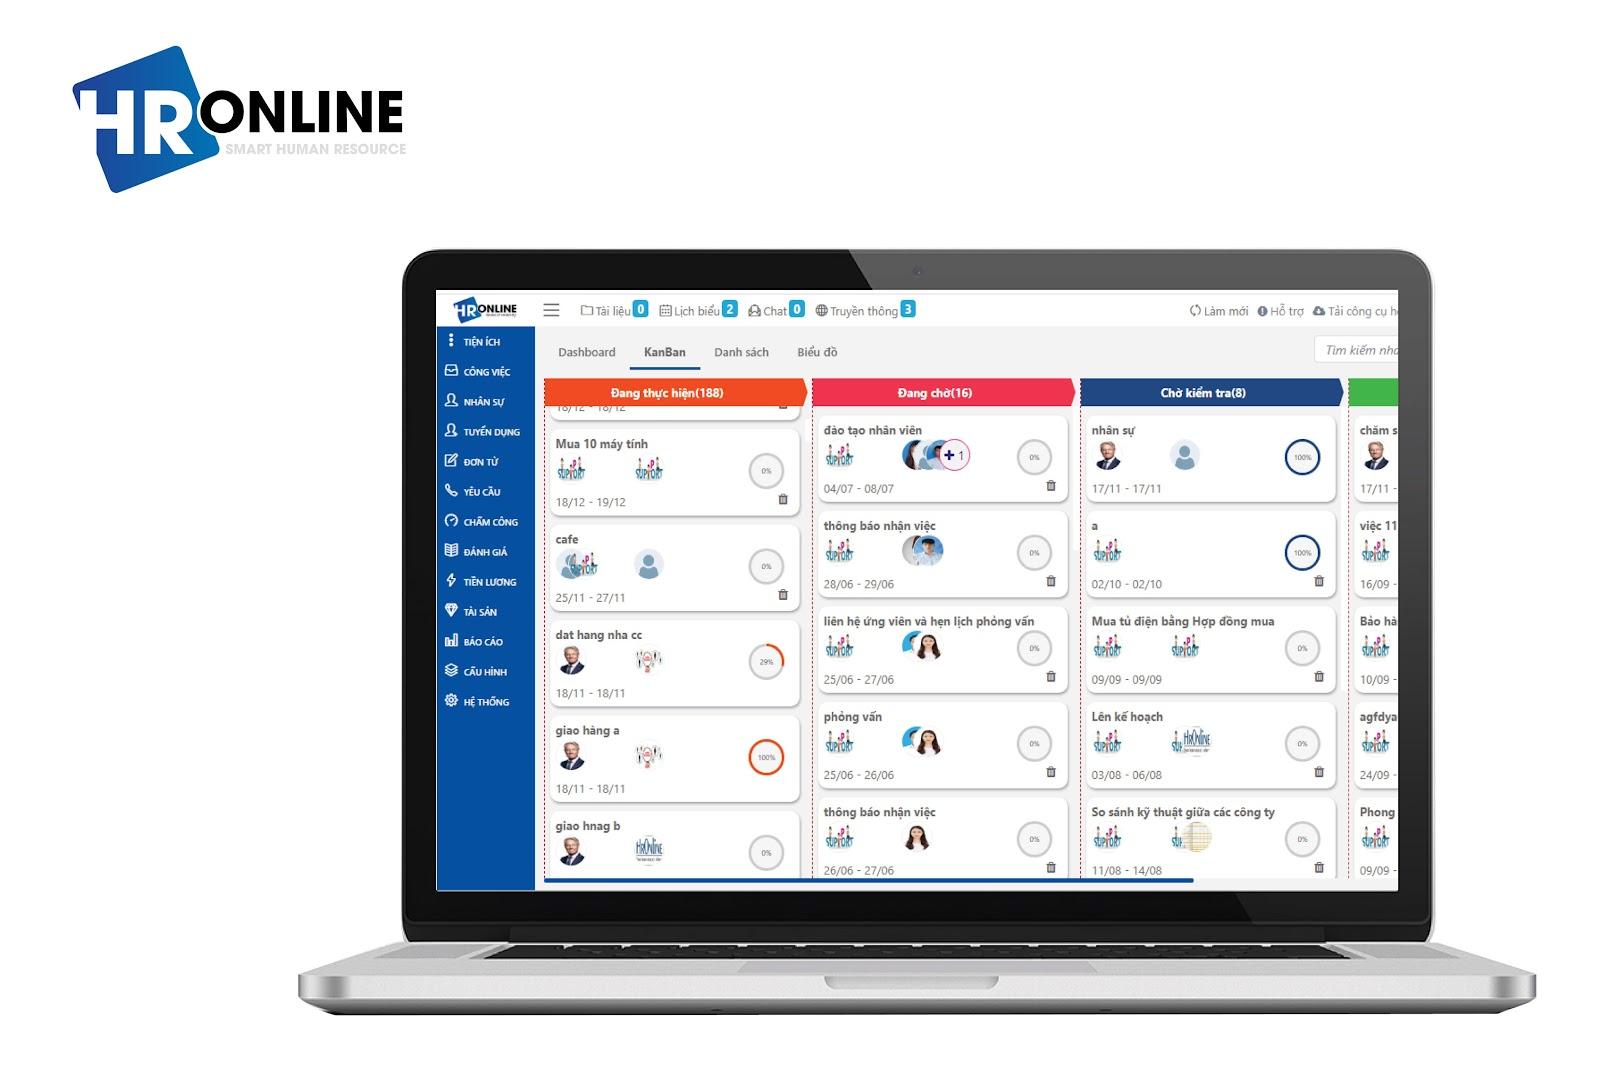 Phần mềm HrOnline giúp bạn giải quyết công việc nhanh chóng